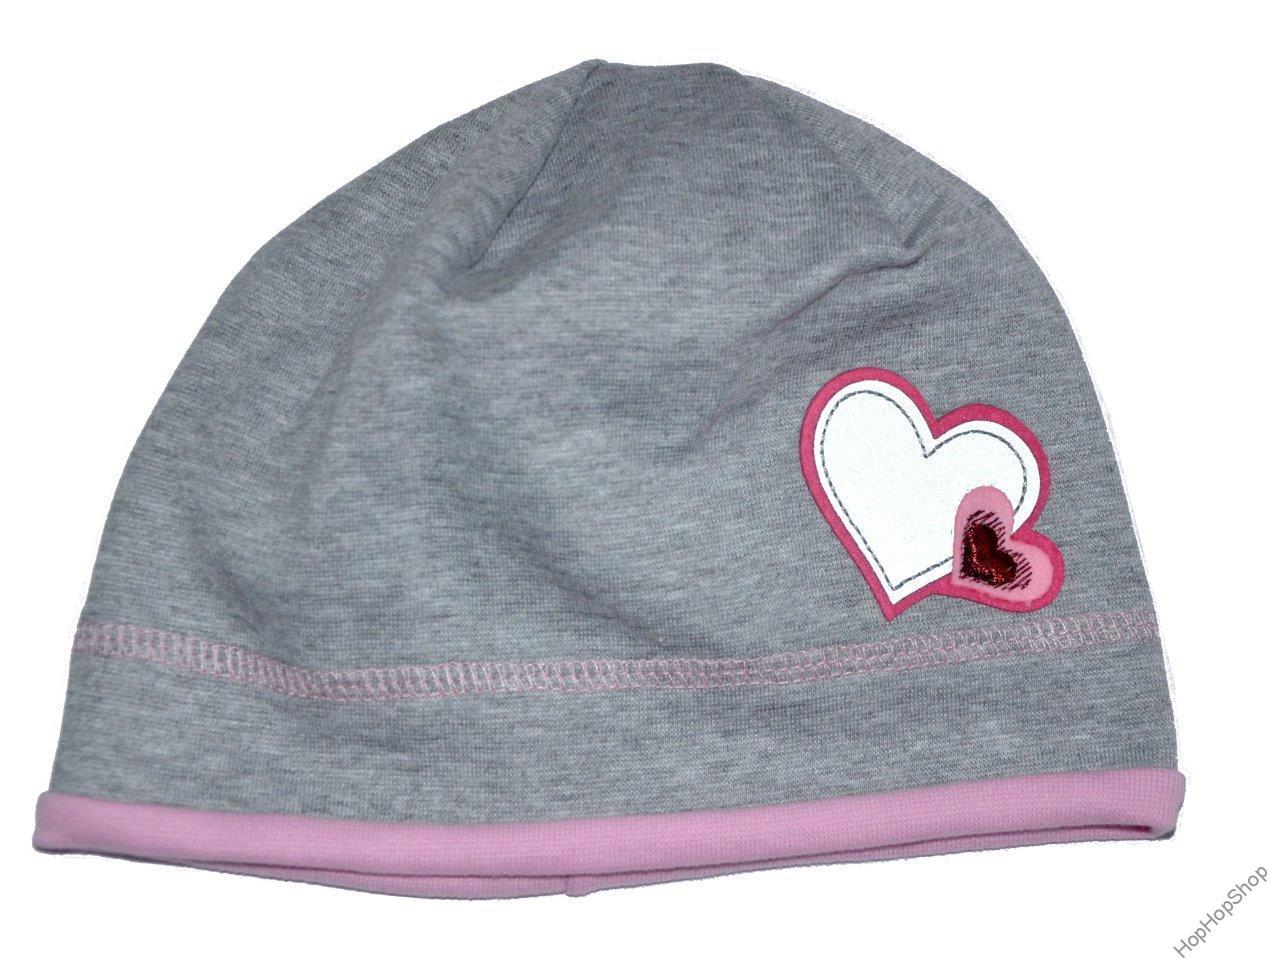 0aeaa22132b Karpet Hugo 08 čepice bavlna šedá+růžová B